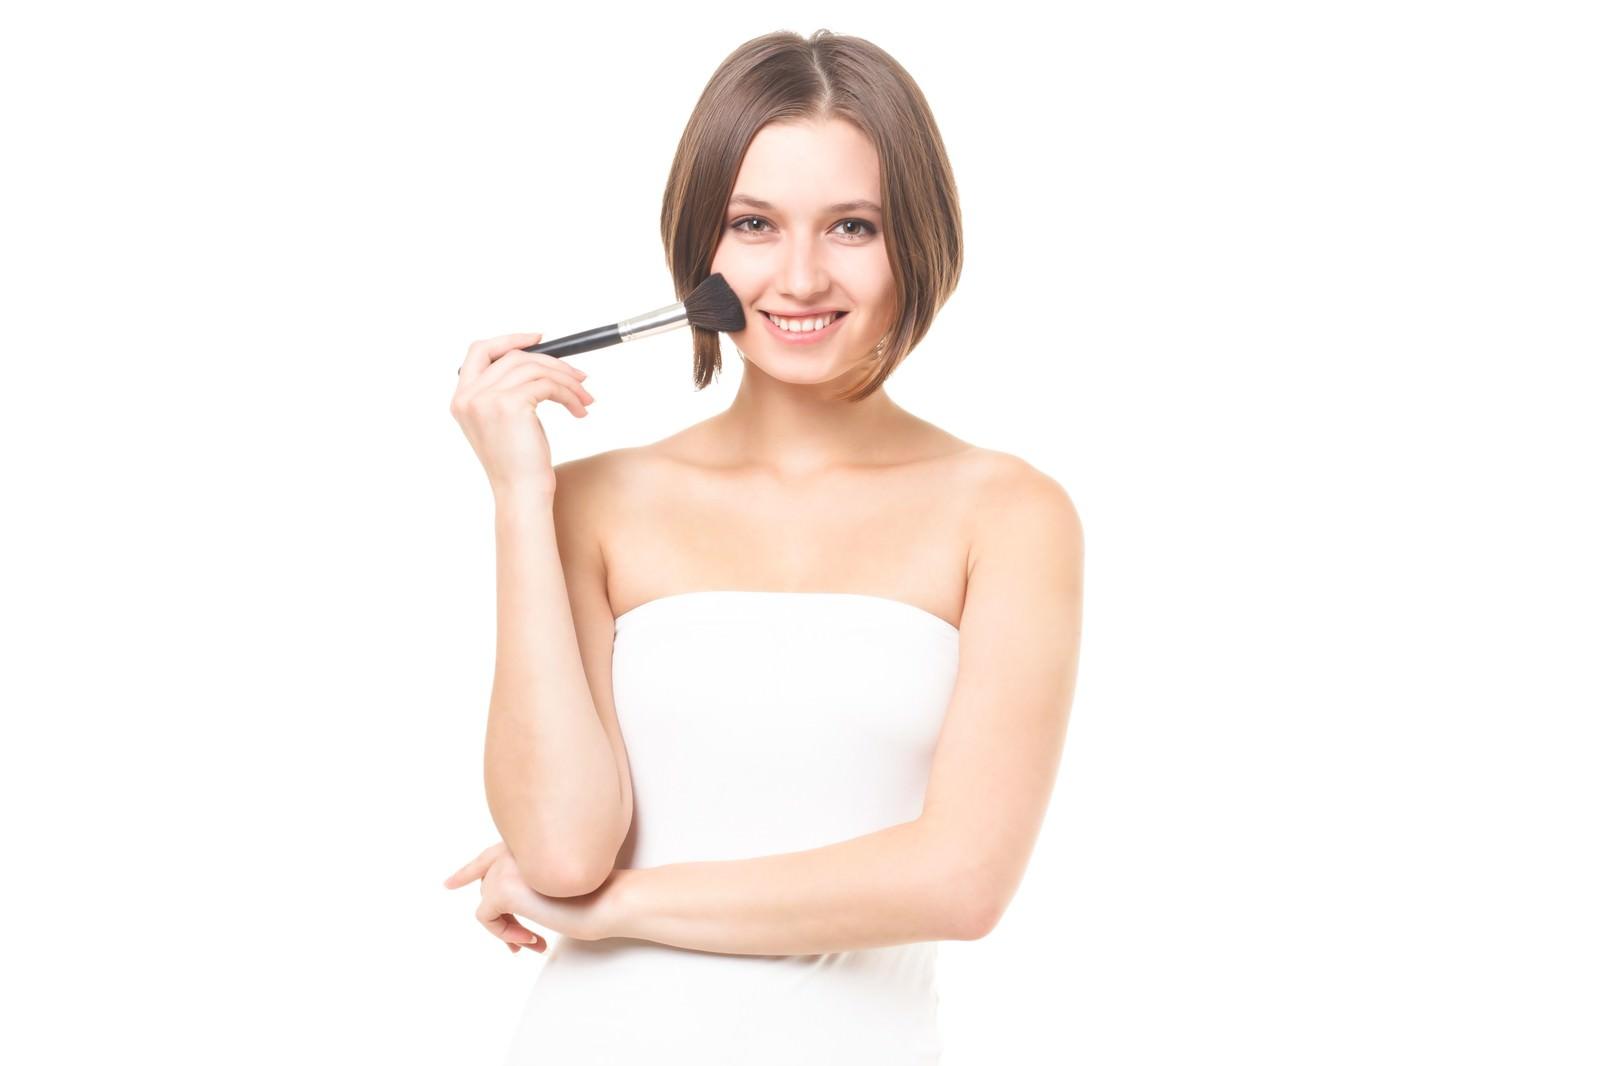 「チークブラシを持って微笑む女性」の写真[モデル:モデルファクトリー]